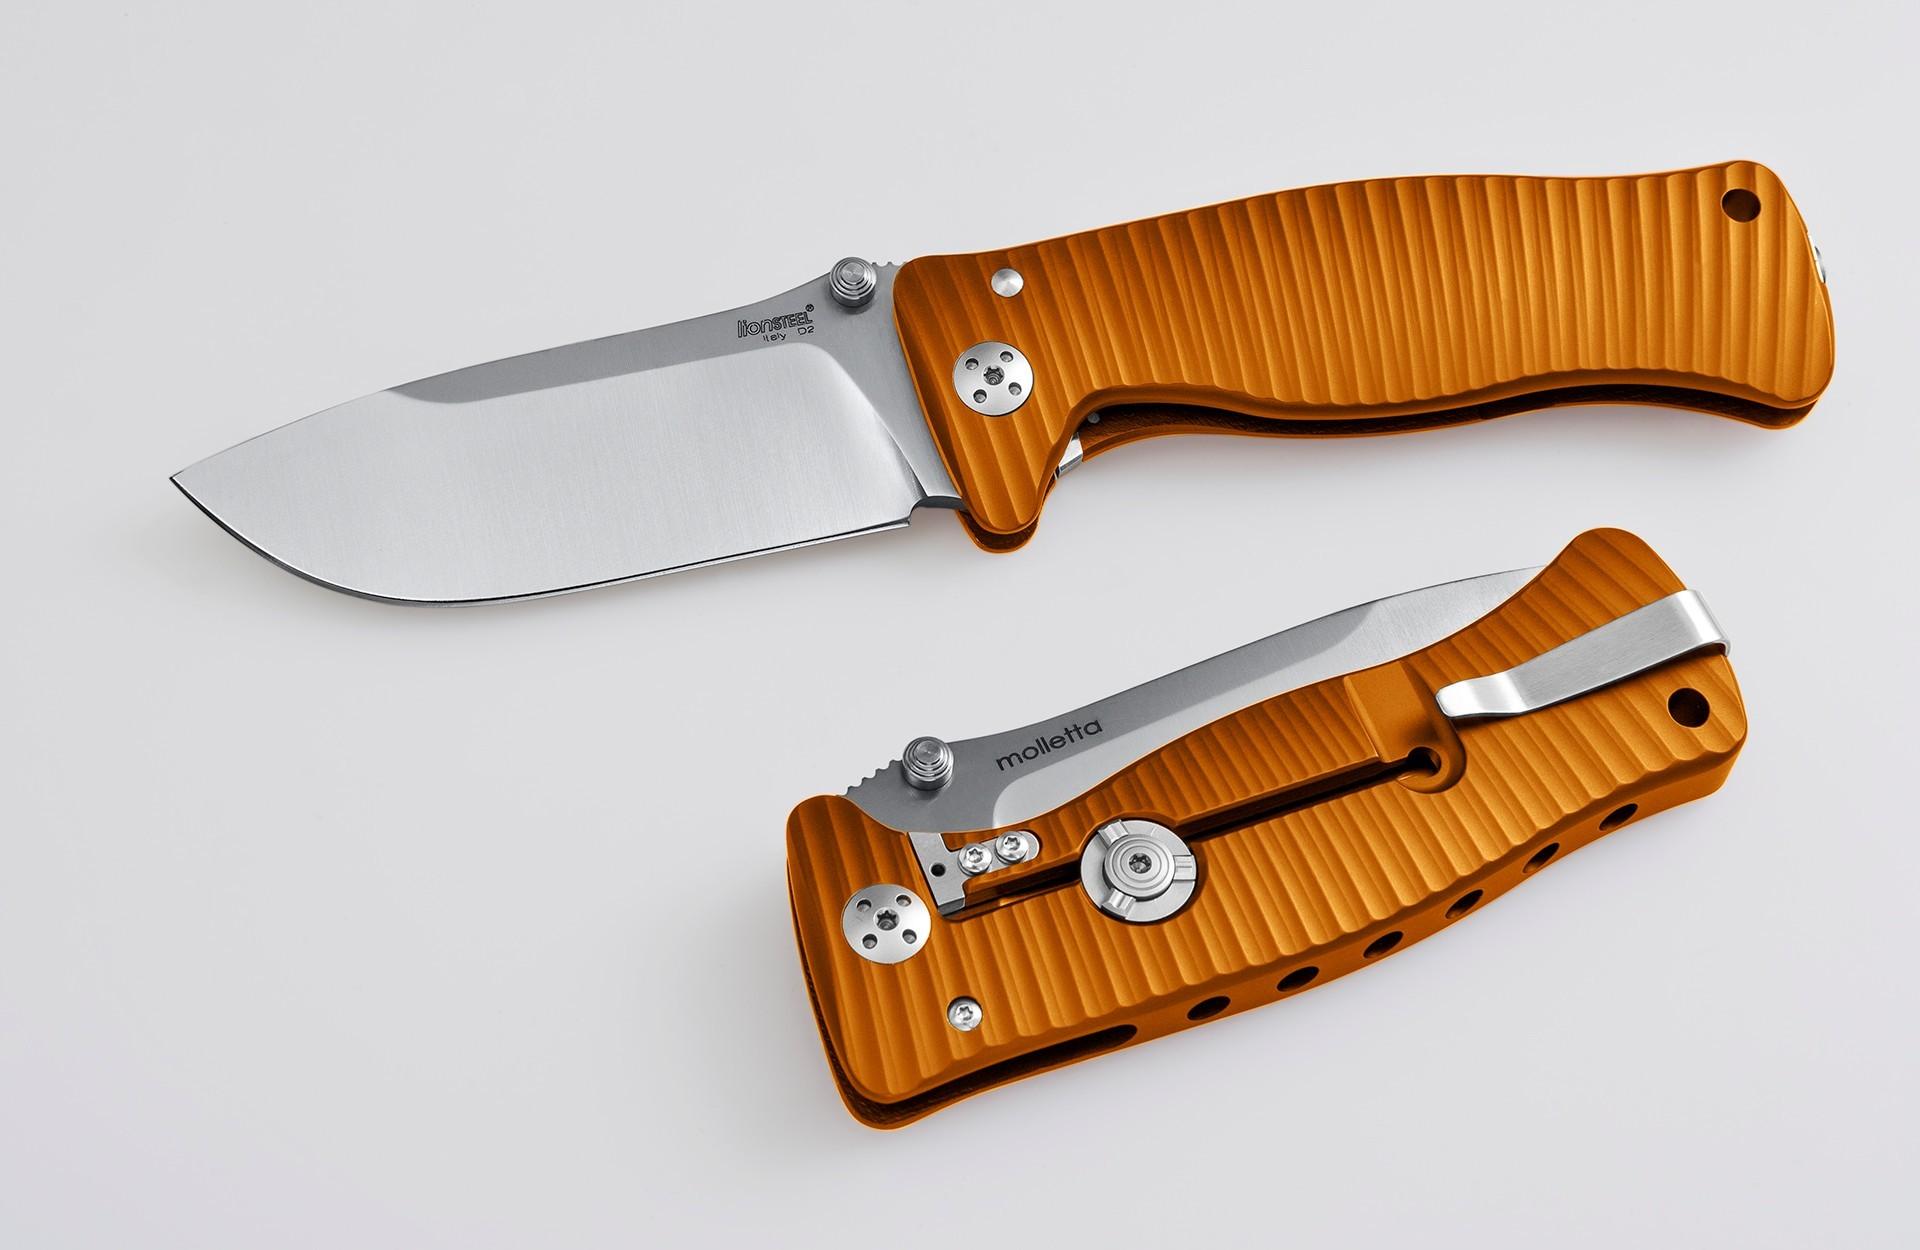 Фото 4 - Нож складной LionSteel SR1A OS ORANGE, сталь D2 Satin Finish, рукоять алюминий (Solid®), оранжевый от Lion Steel